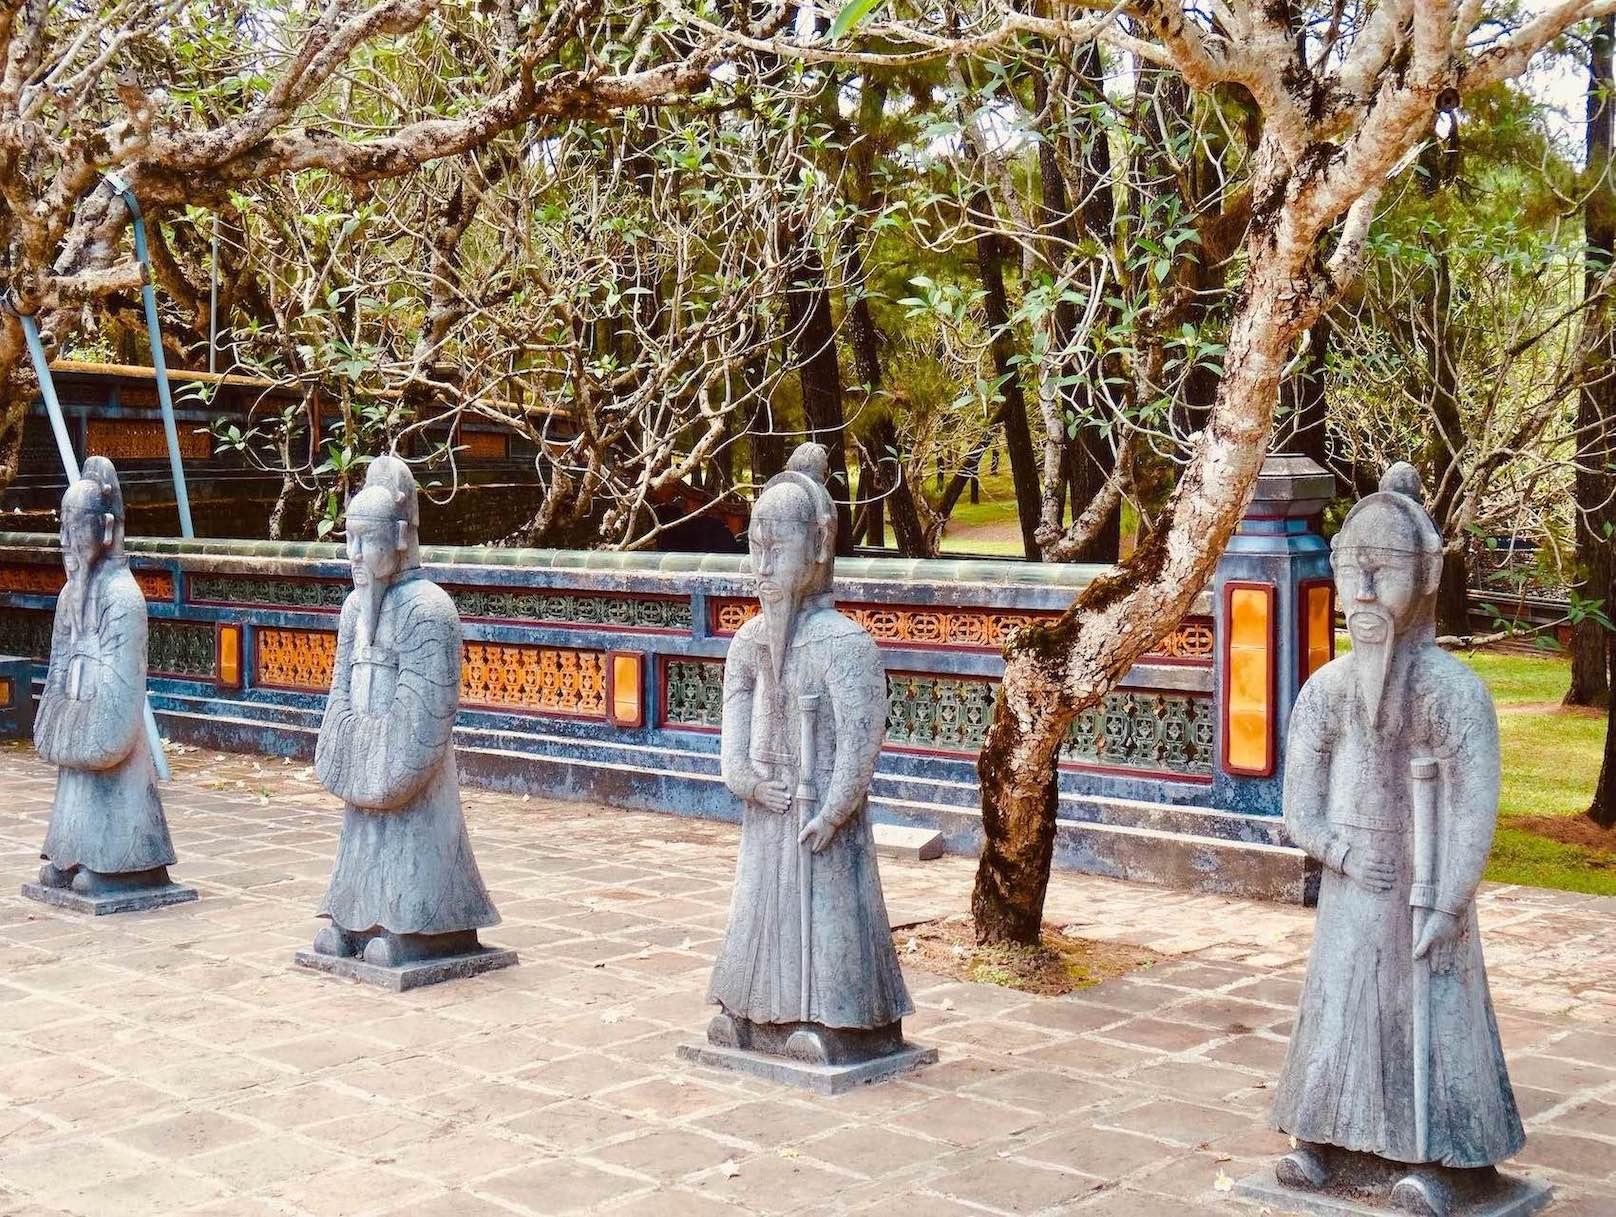 Mandarin statues Mausoleum of Emperor Tu Duc